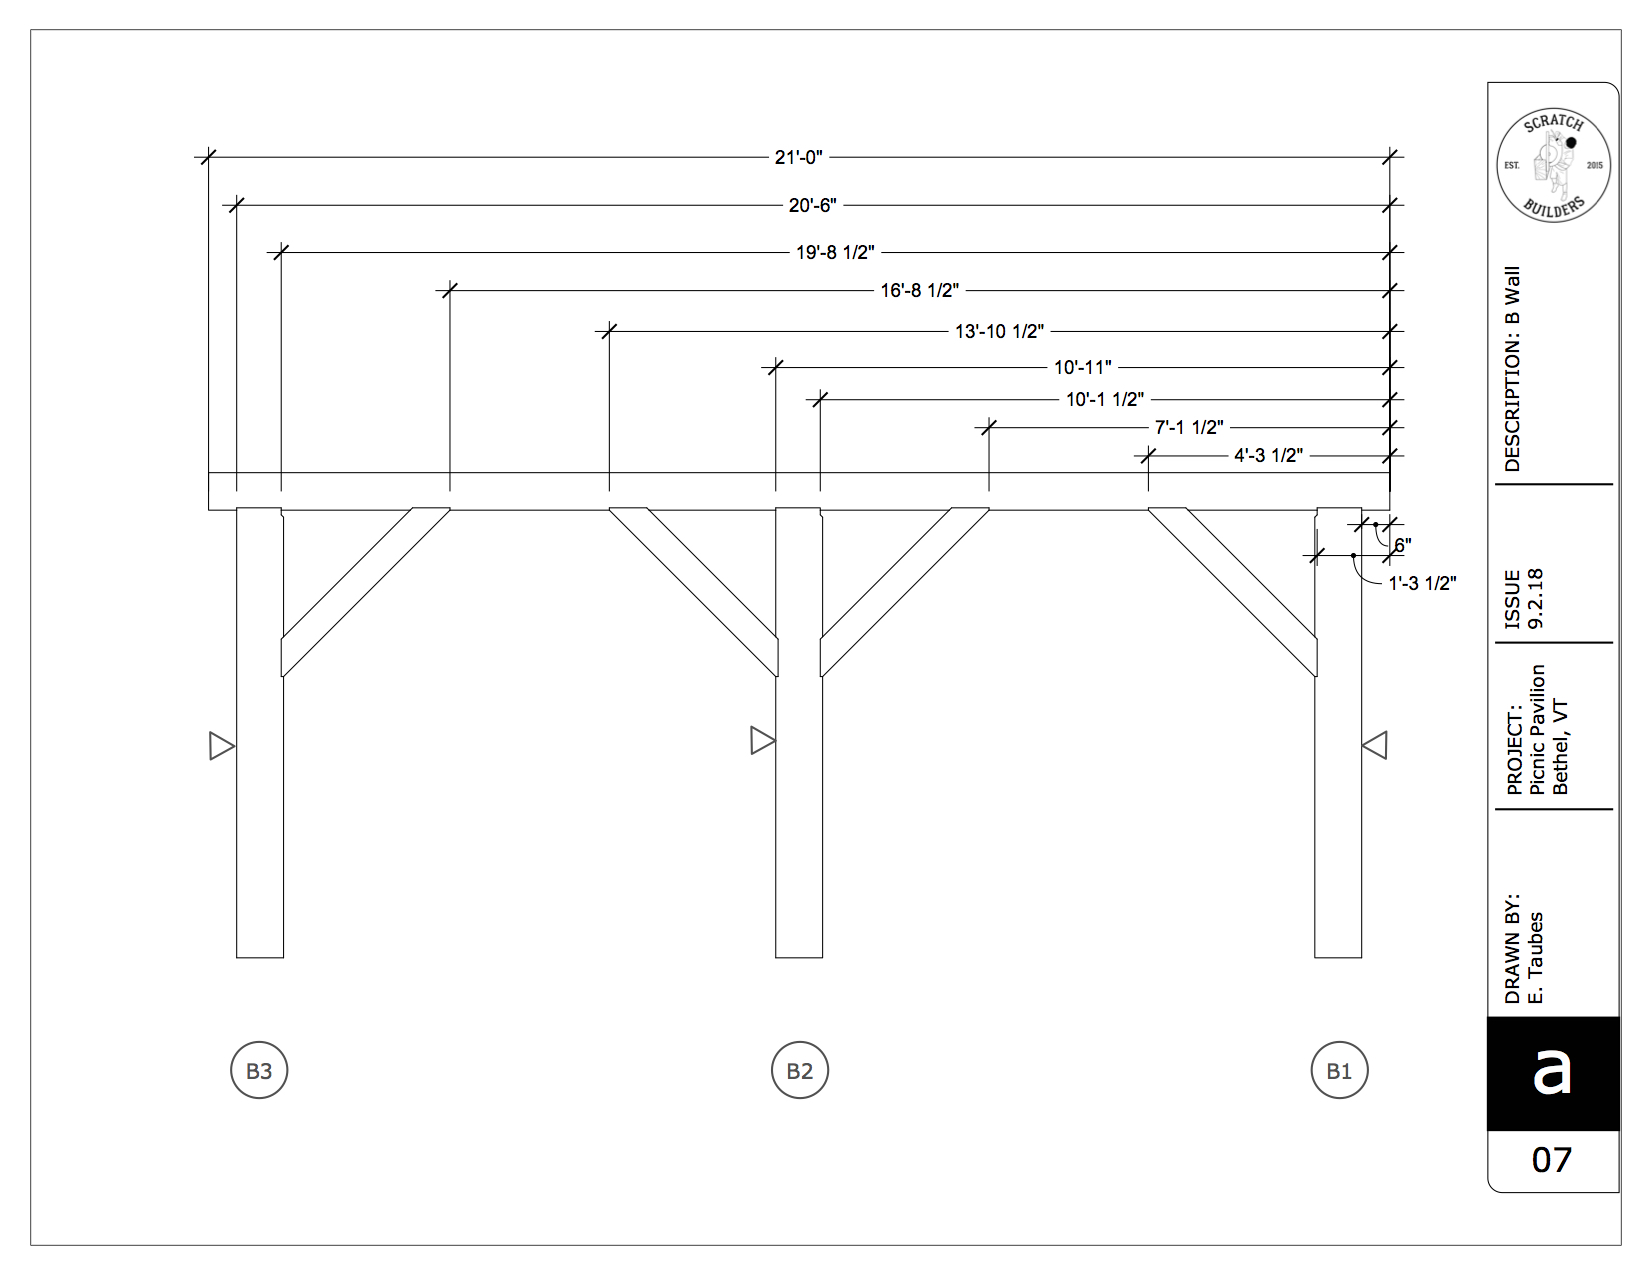 Strafford Drawing copy (dragged) 6.jpg